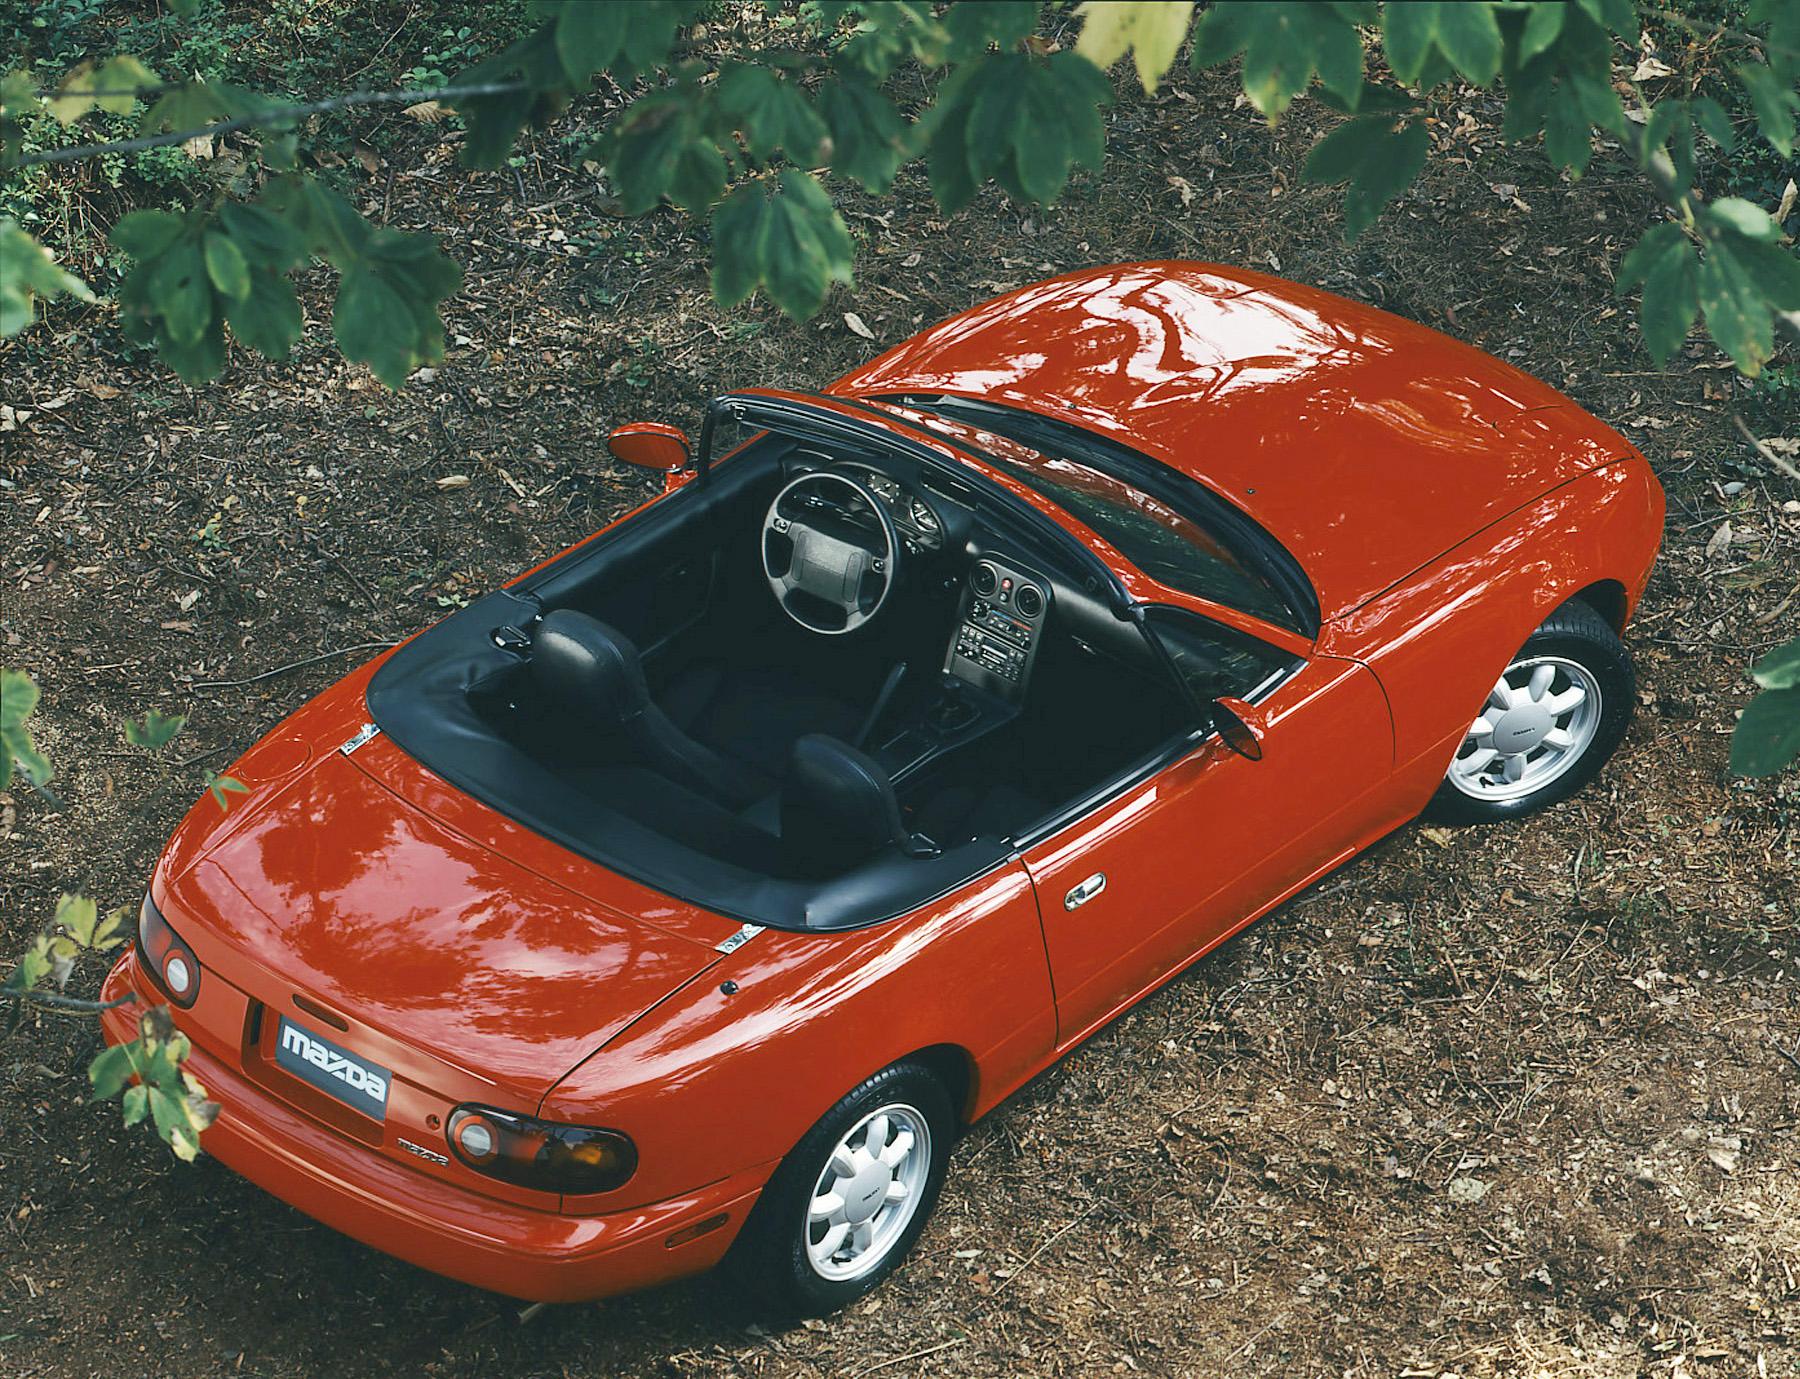 1990 mazda mx5 miata interior red top down